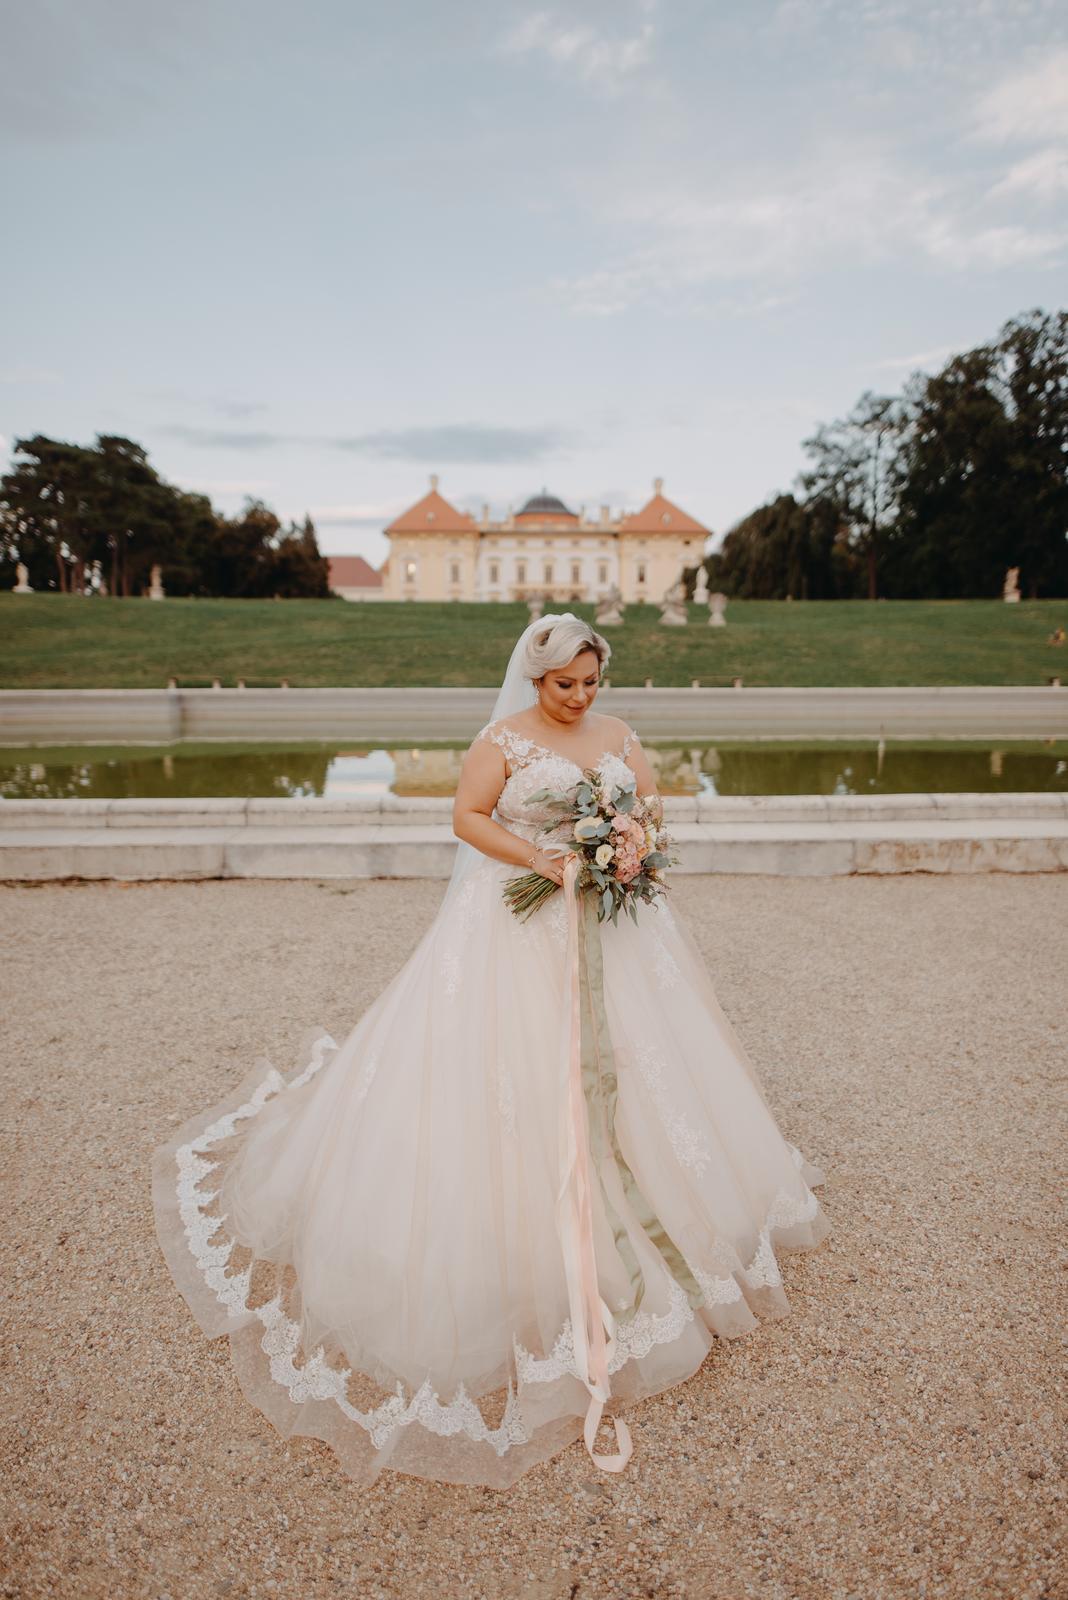 79526051f 19. sep 2018 o 13:31 • Svadba bola v septembri 2018 • Odpovedz • Páči sa mi  to •